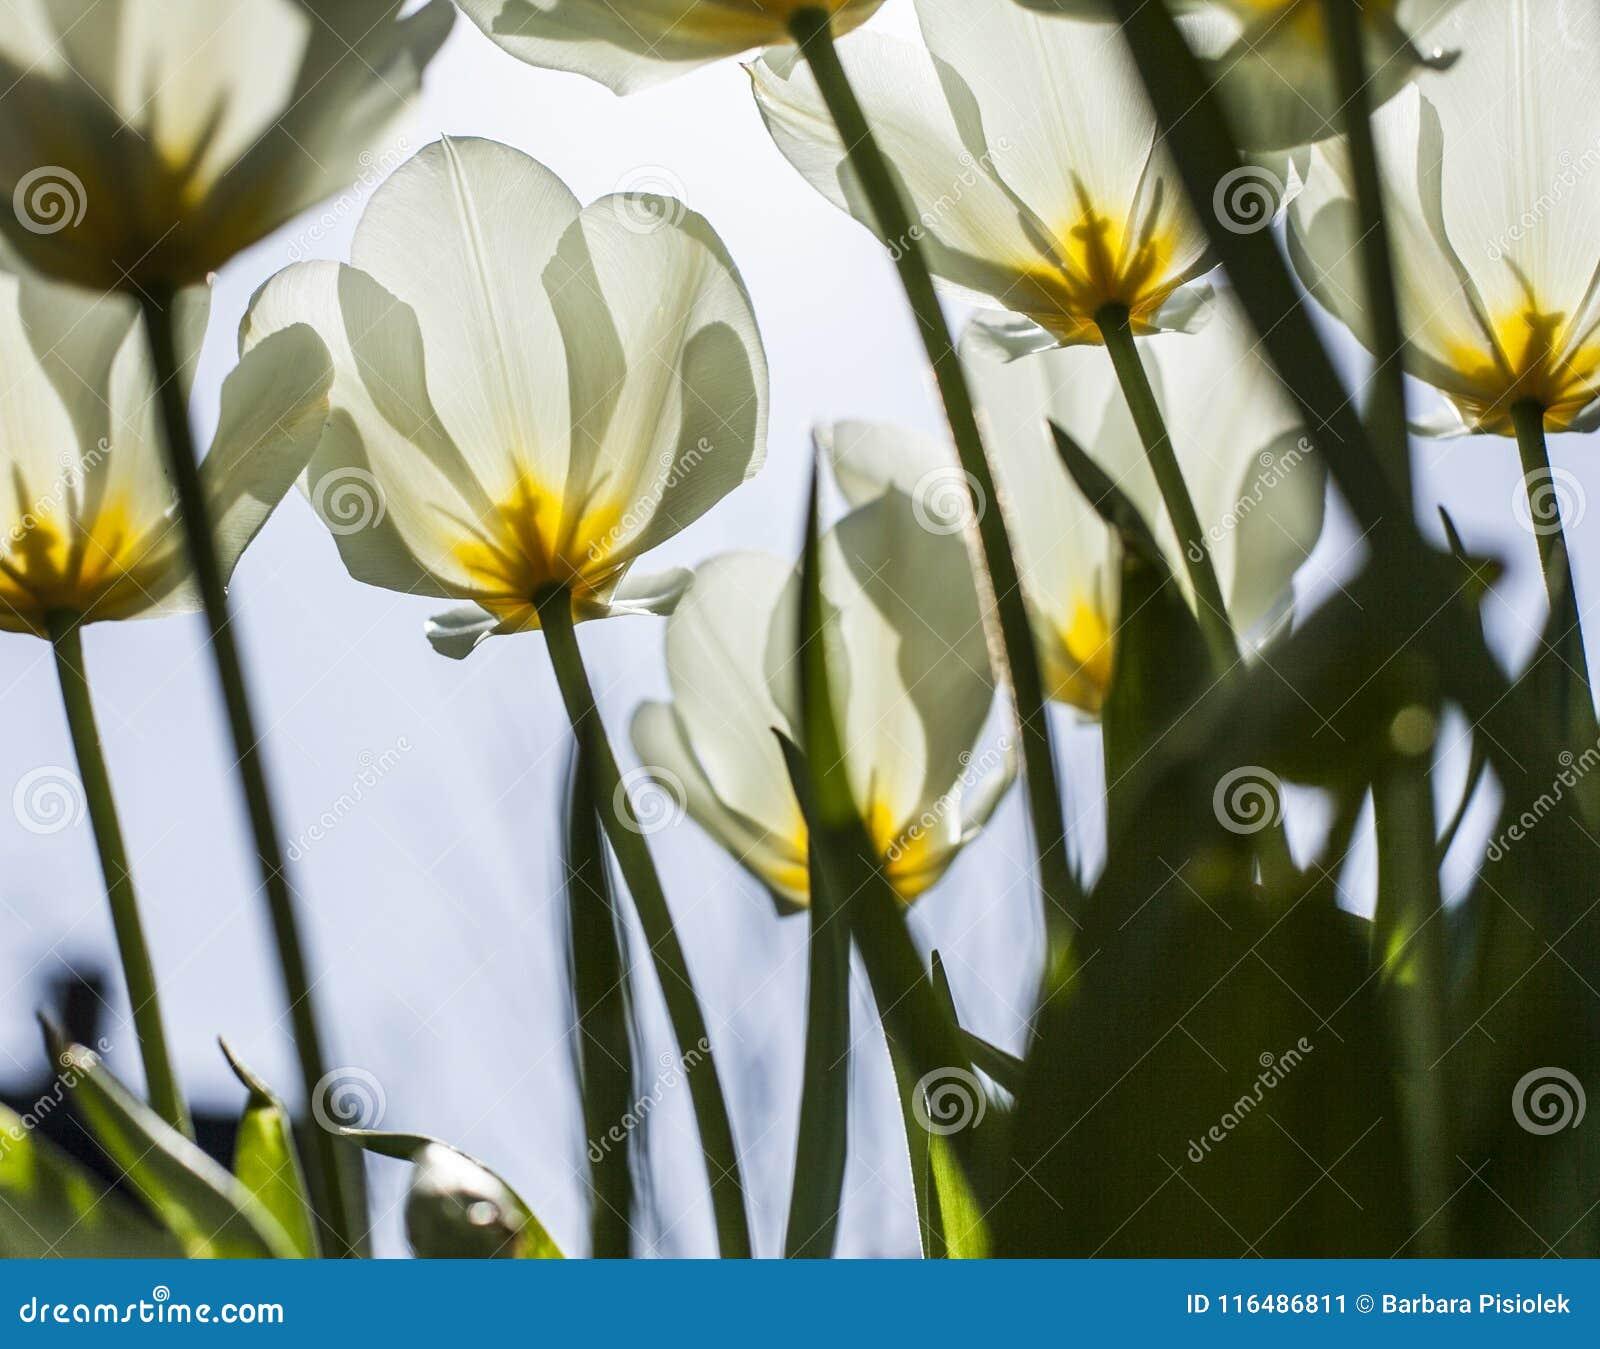 En el jardín en un día soleado - tulipanes blancos contra un cielo azul